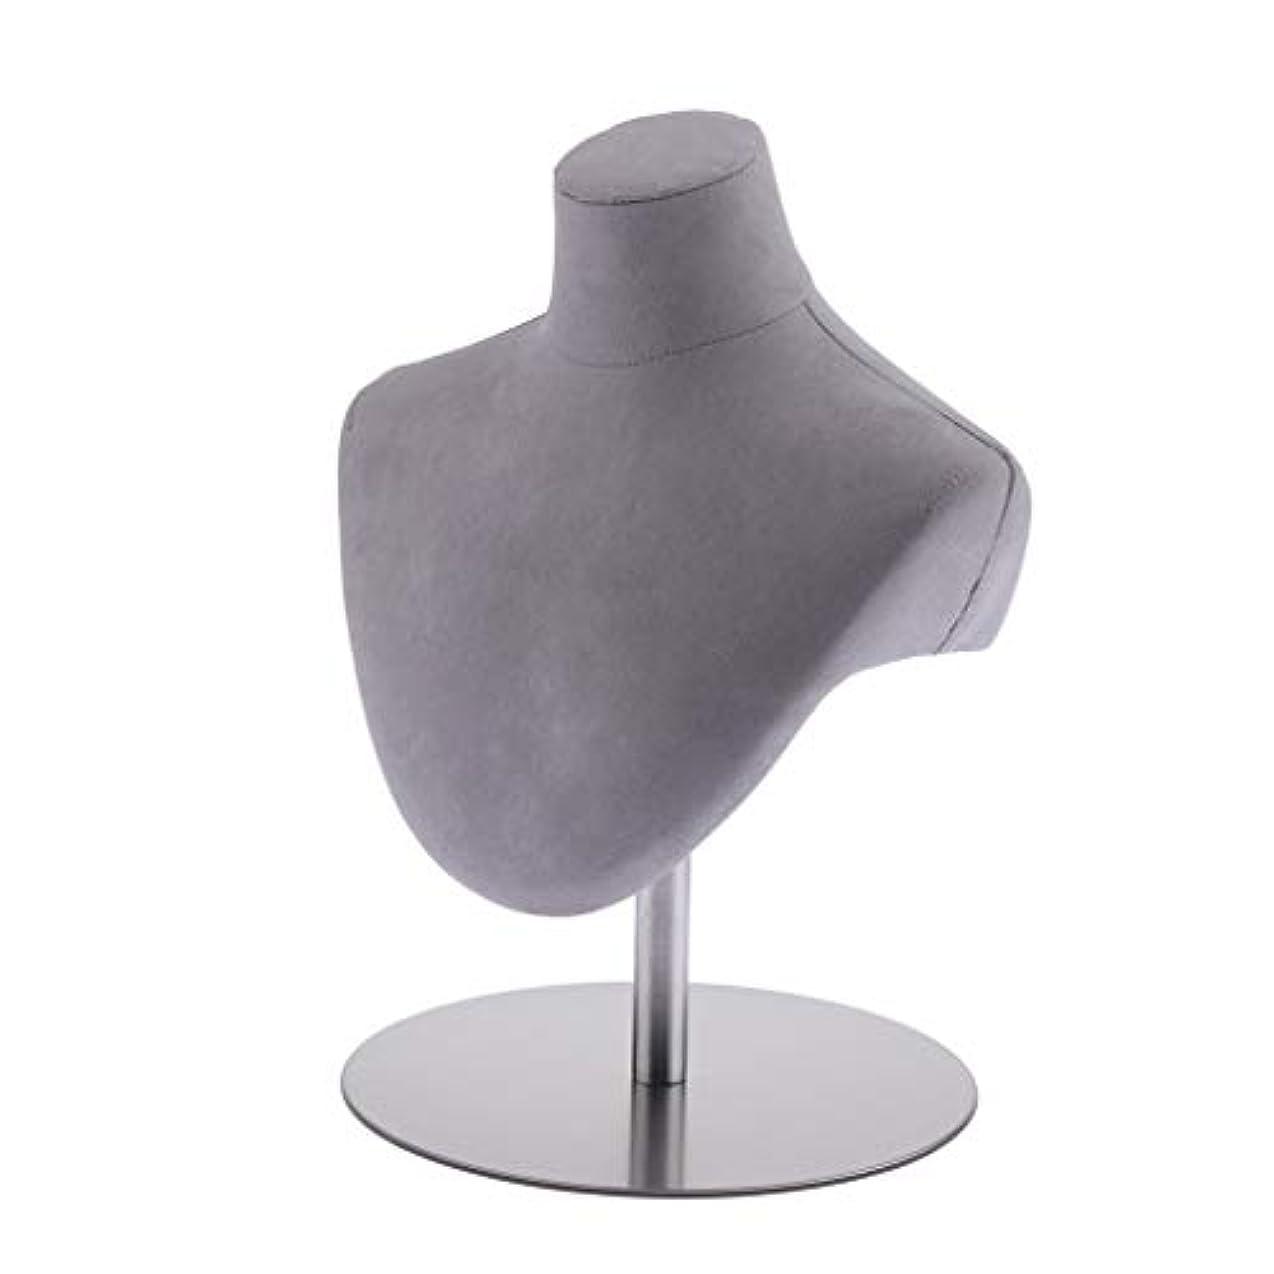 ピル精緻化硬さSM SunniMix ネックレス スカーフ ジュエリー ペンダント ディスプレイ スタンド 展示 ディスプレイバスト モデル